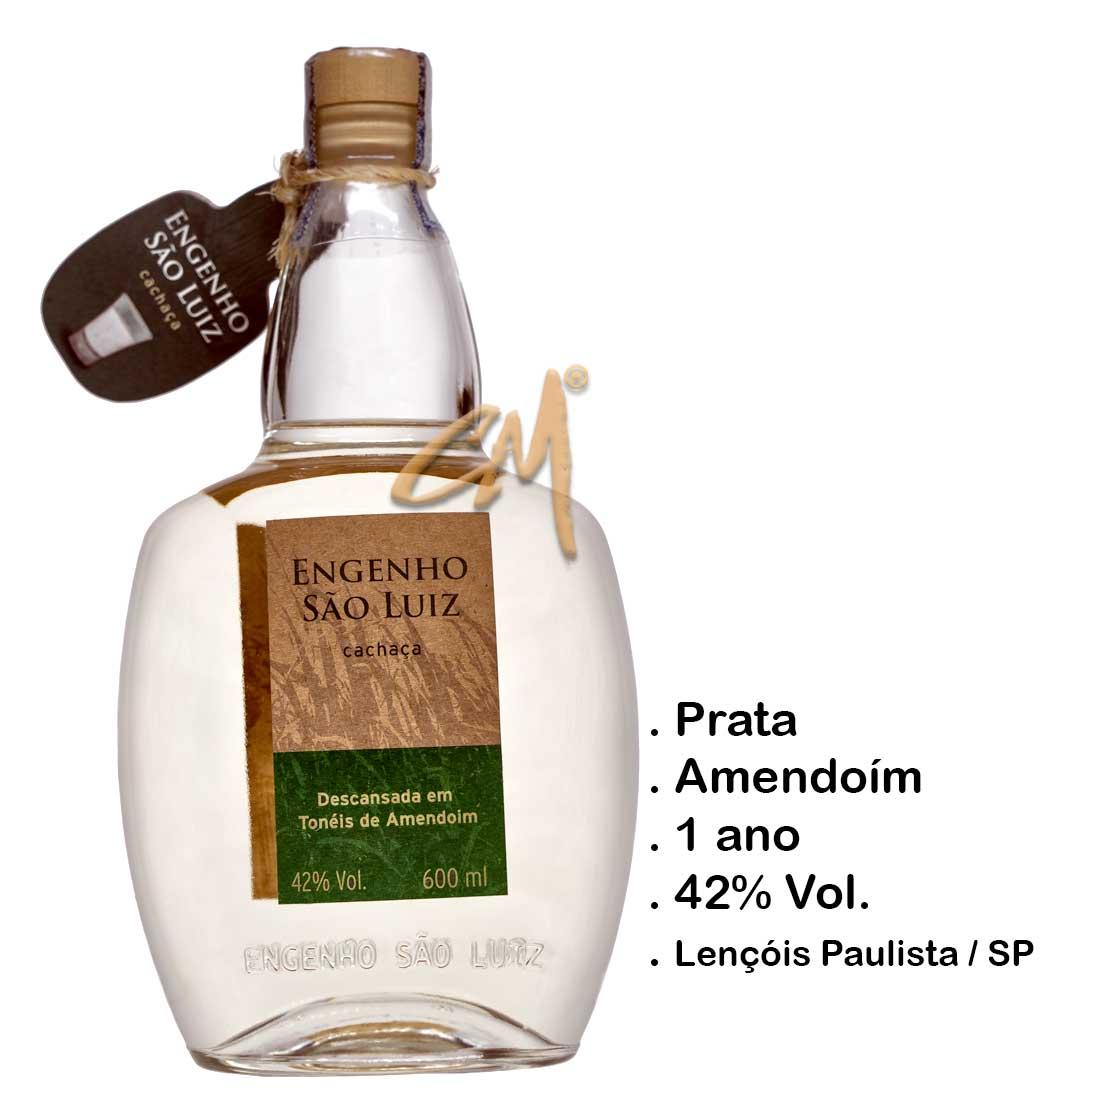 Cachaça Engenho São Luiz Amendoim 600 ml (Lençóis Paulista - SP)